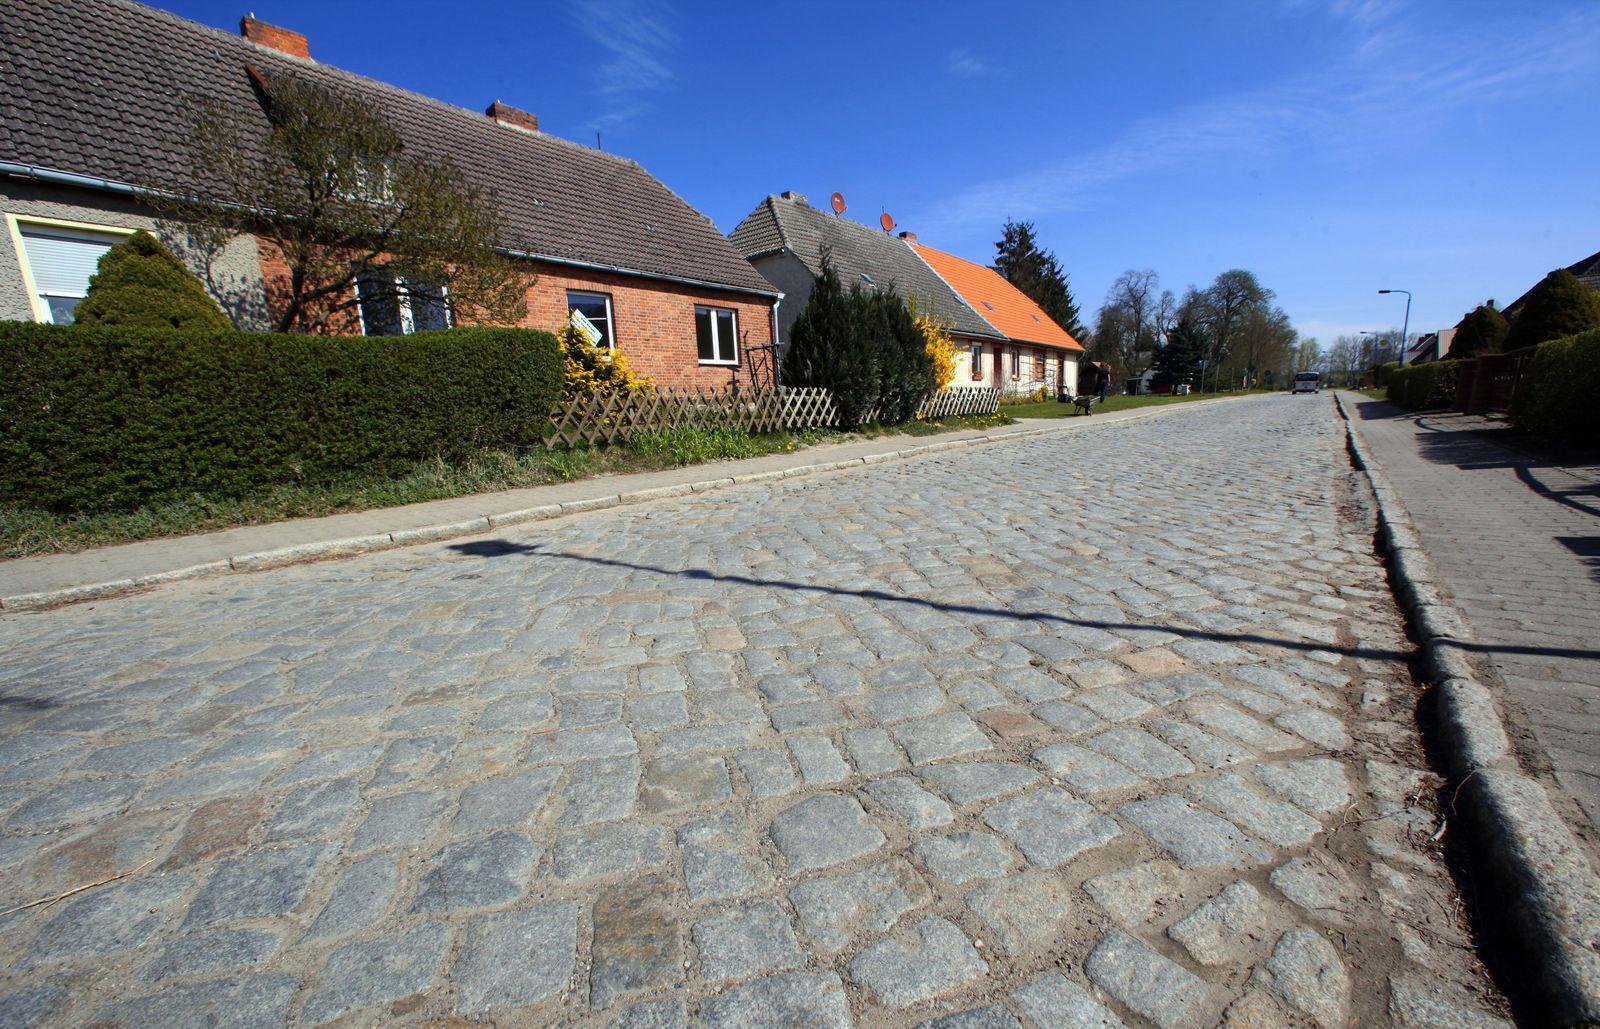 Nordostdeutsche Dörfer verlieren ihre Einwohner